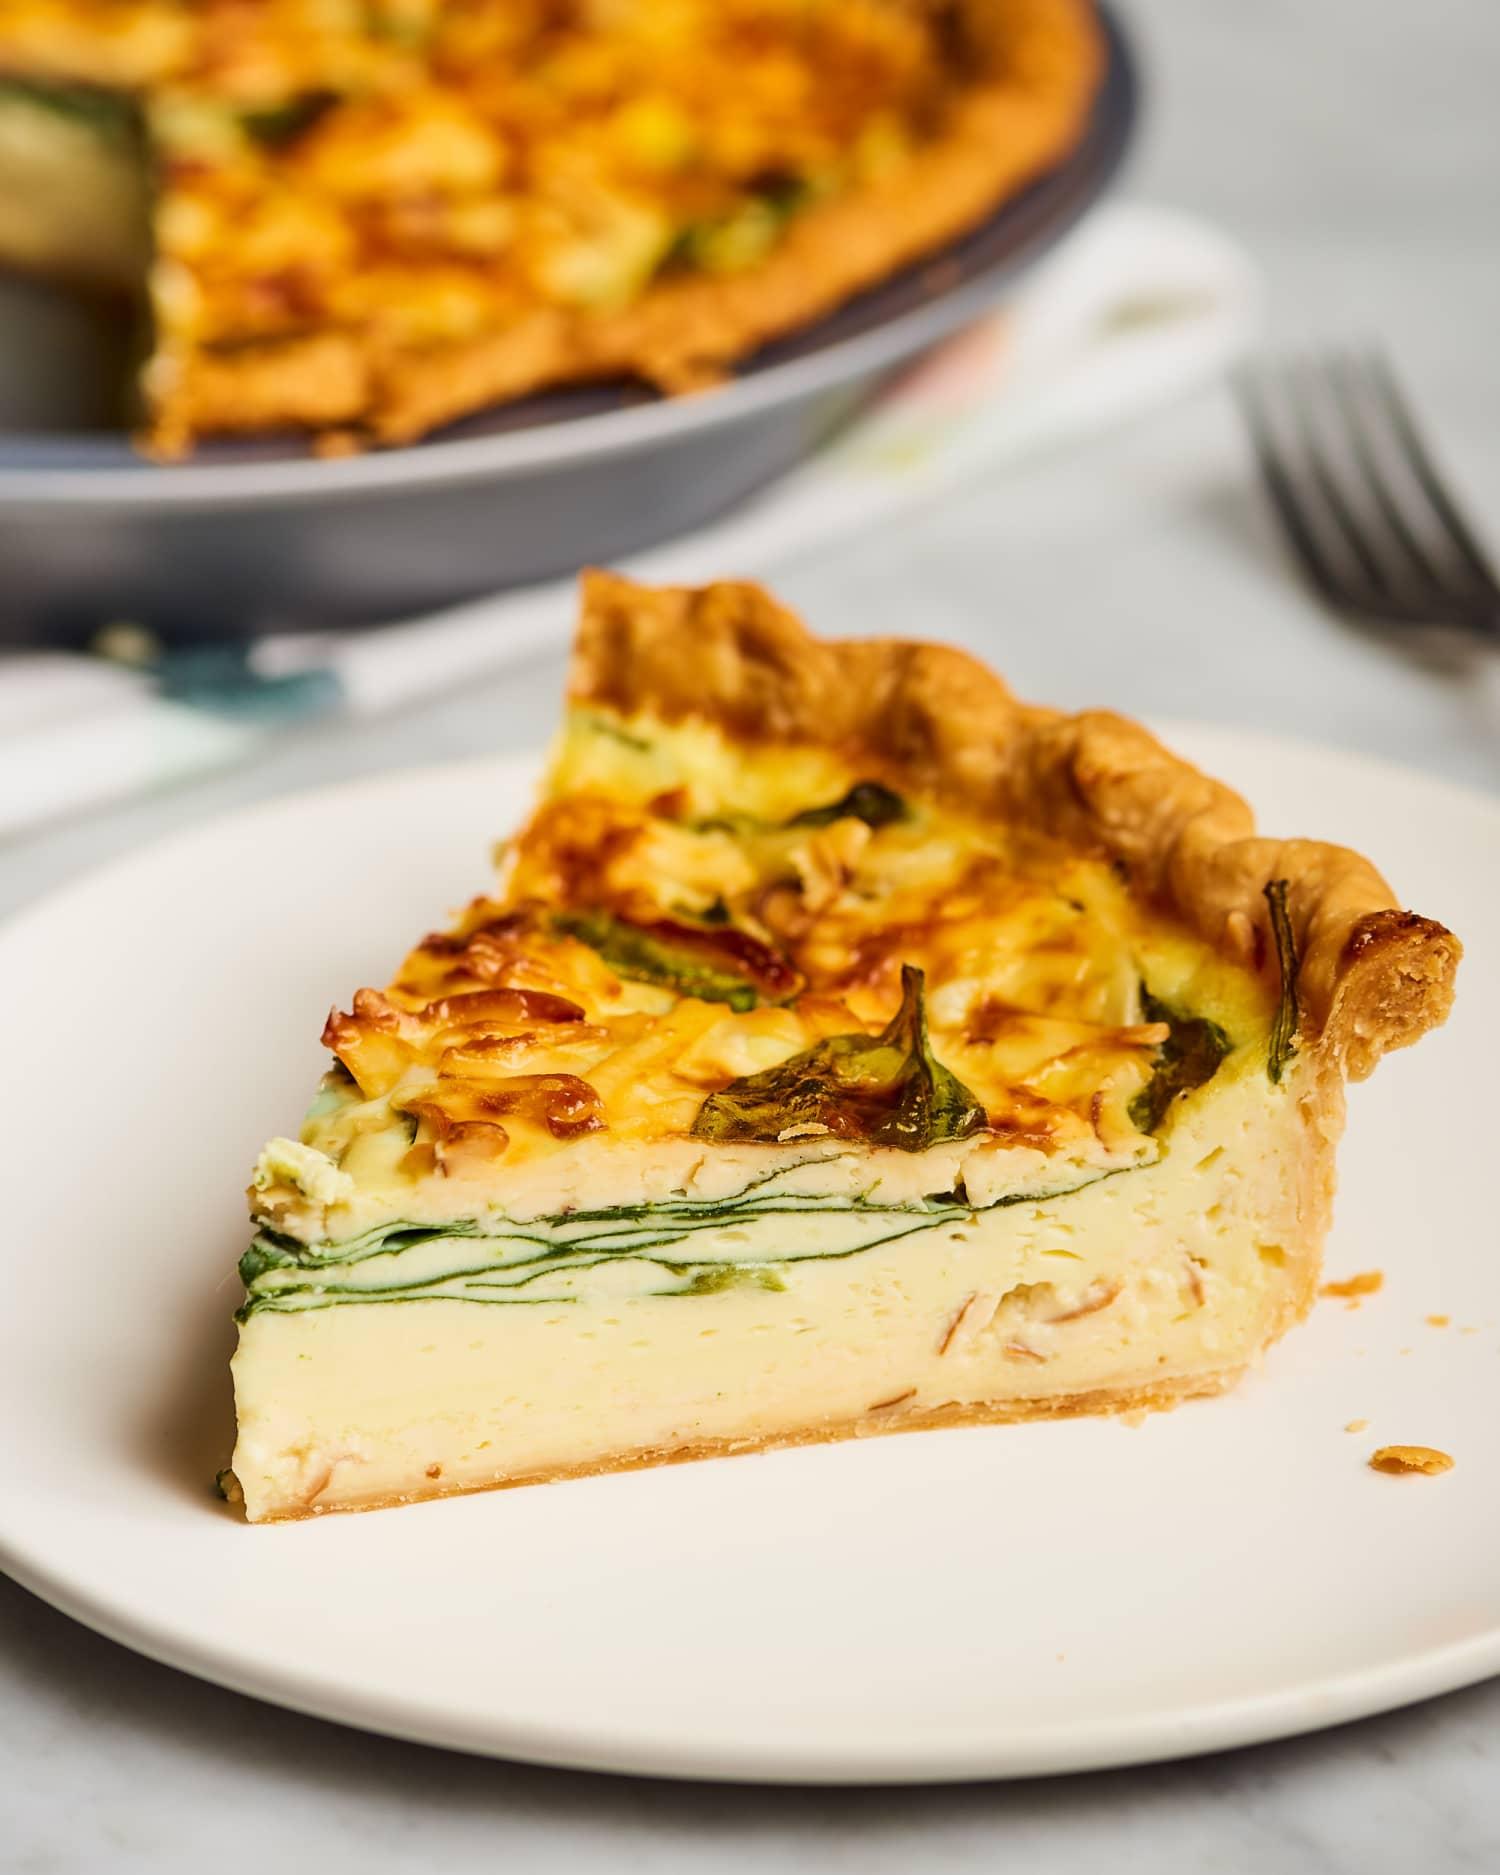 Recipe: Cheesy Spinach Quiche